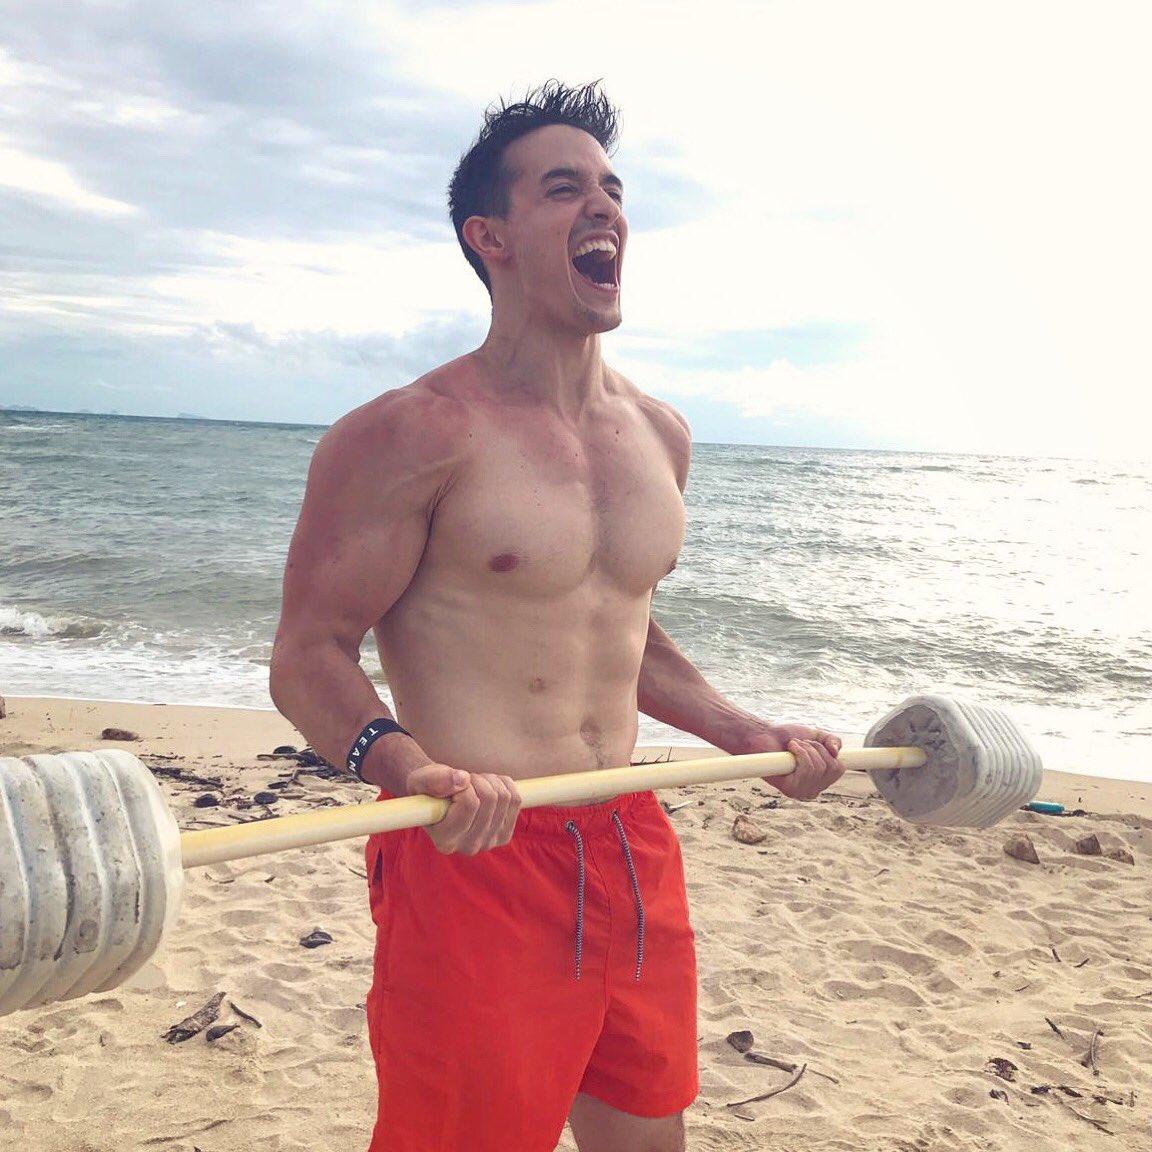 J'ai trouvé un haltère sur la plage !! (Et des coups de soleil aussi)...